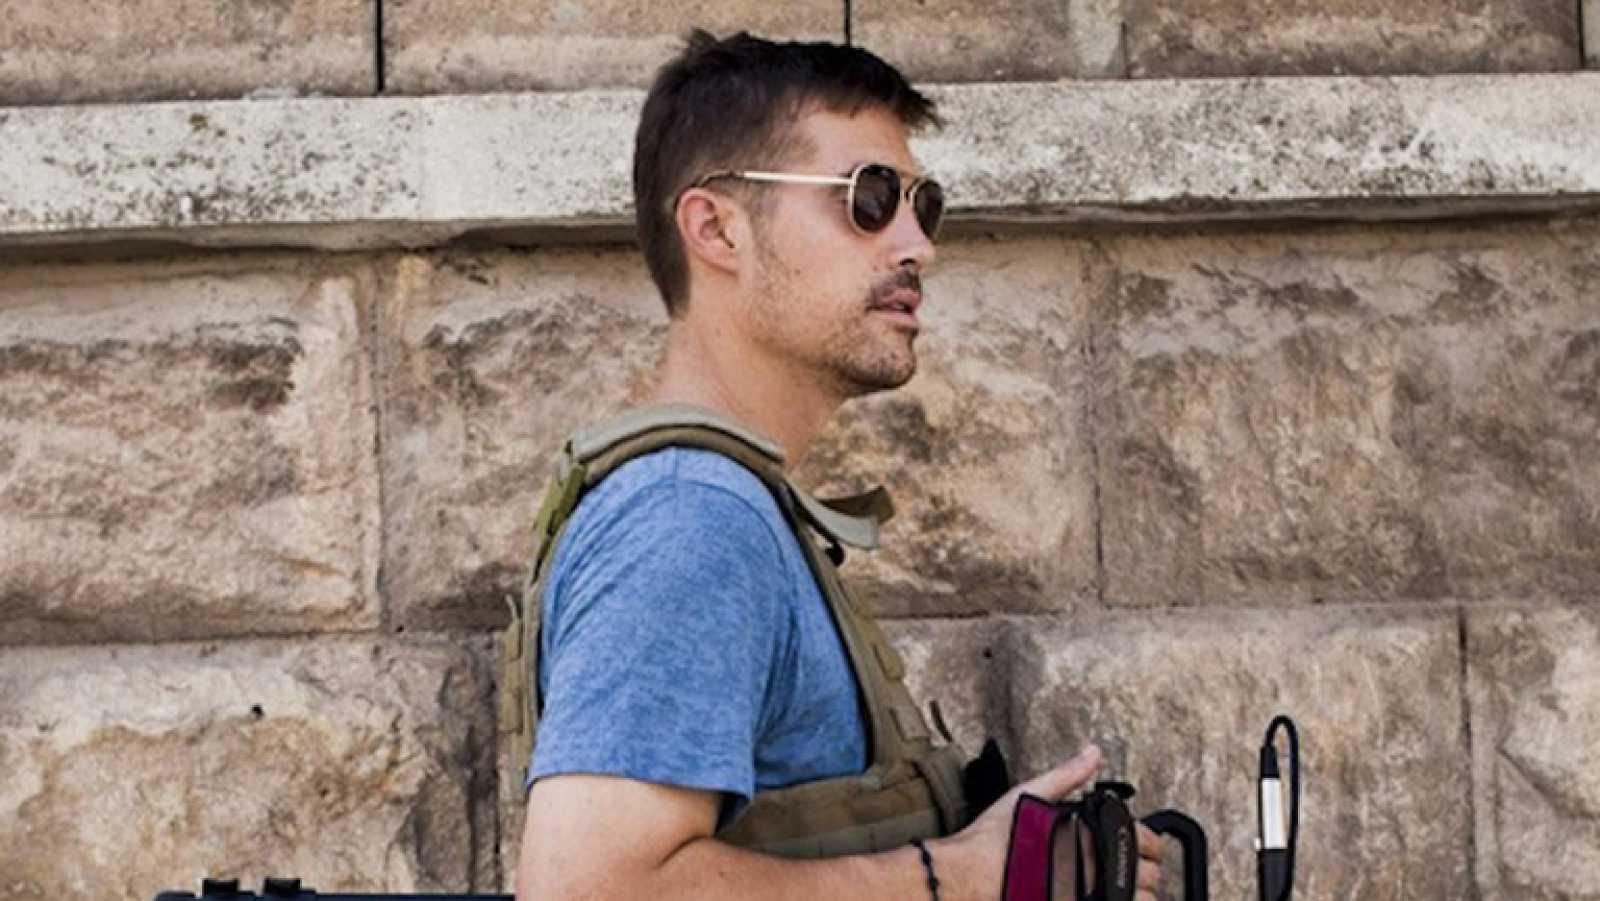 EE.UU. reconoce su fracaso en una operación para liberar a Foley y otros rehenes en Siria